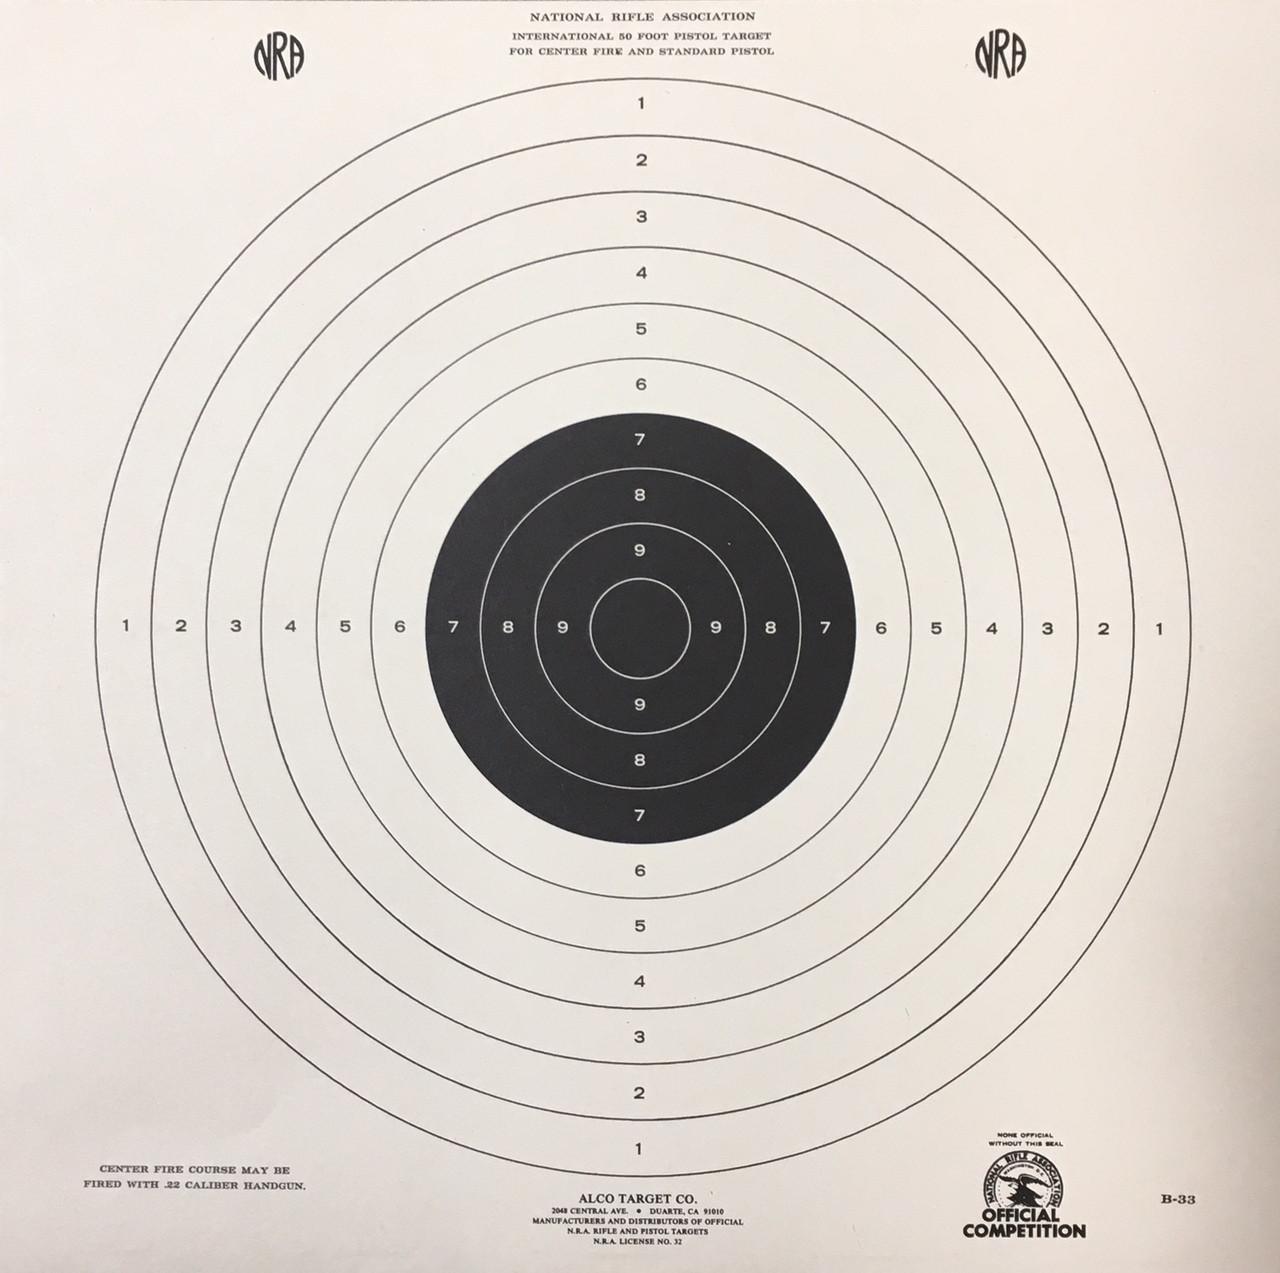 B-33 Shooting Target